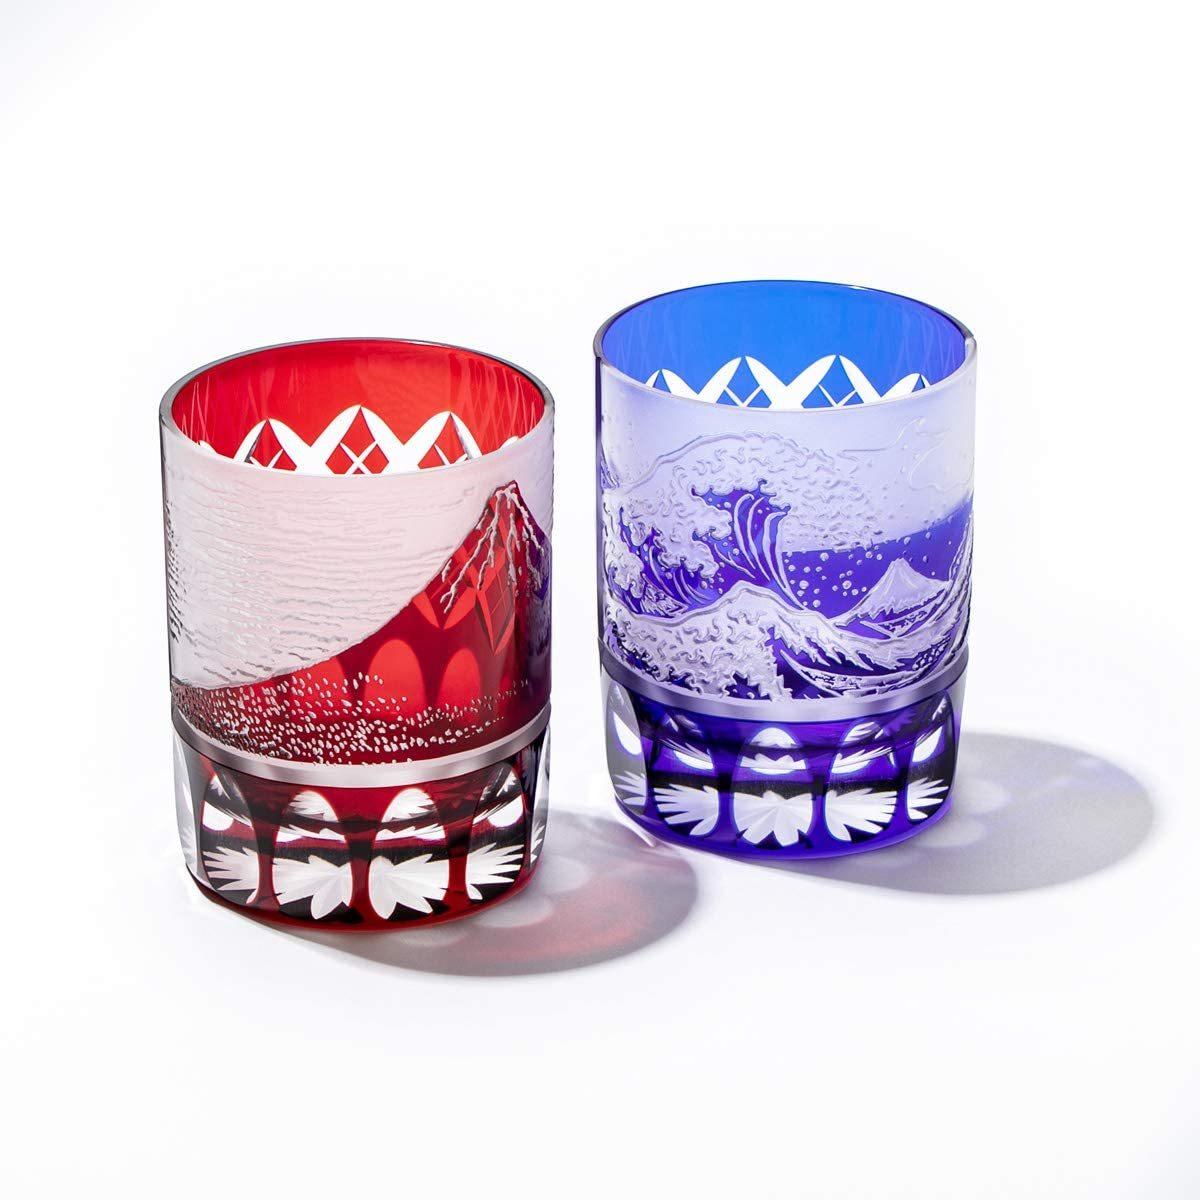 新品 江戸切子 赤富士 波富士 矢来紋 オールドグラス ペア 赤 ルリ 木箱入り 日本製 冷酒杯 ペアグラス